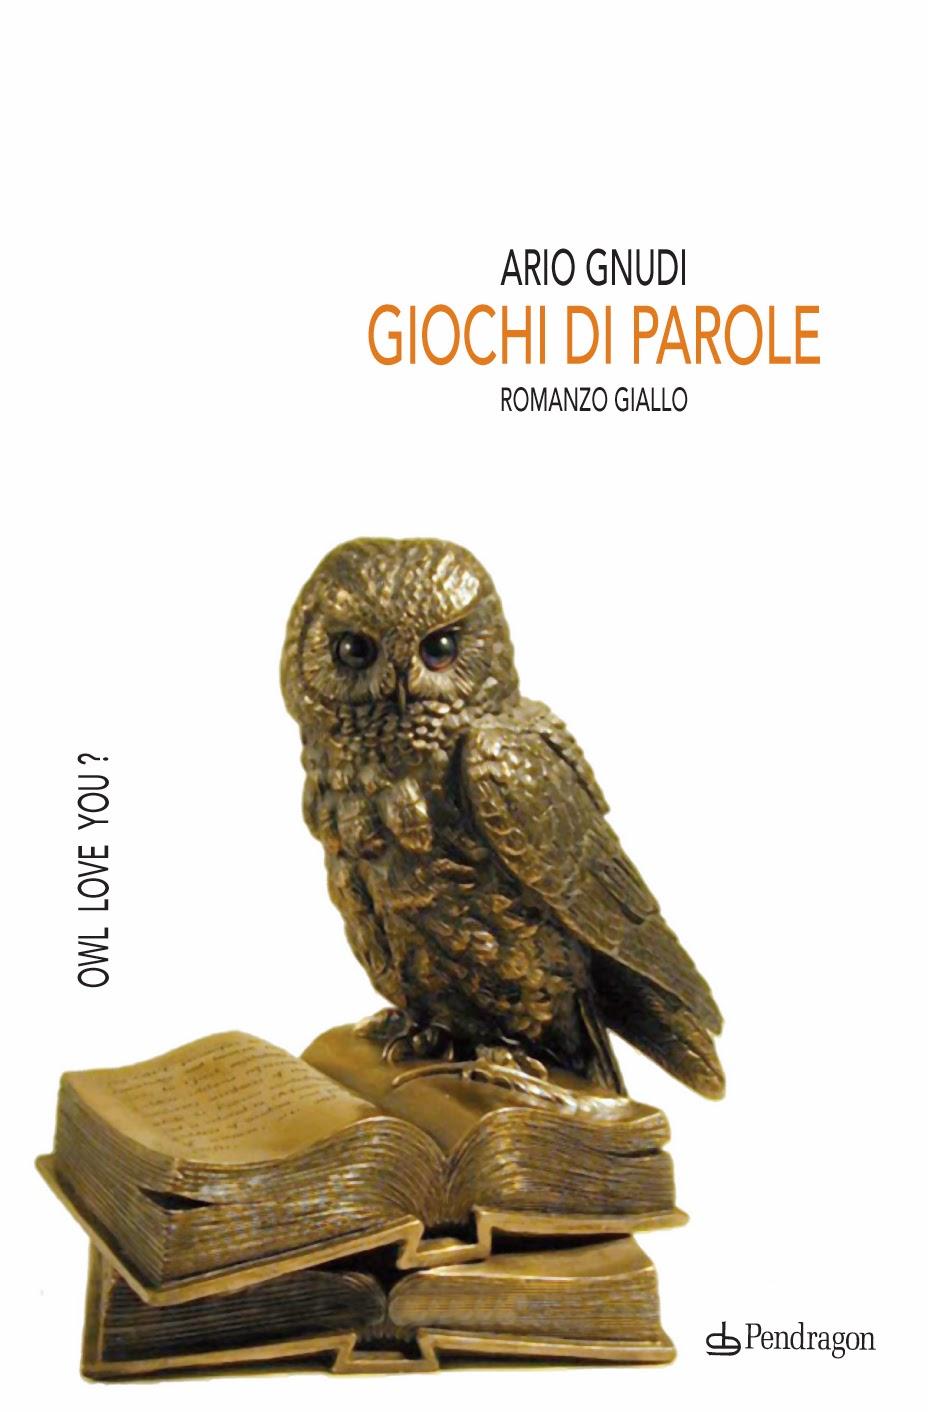 Giochi di parole - Ario Gnudi